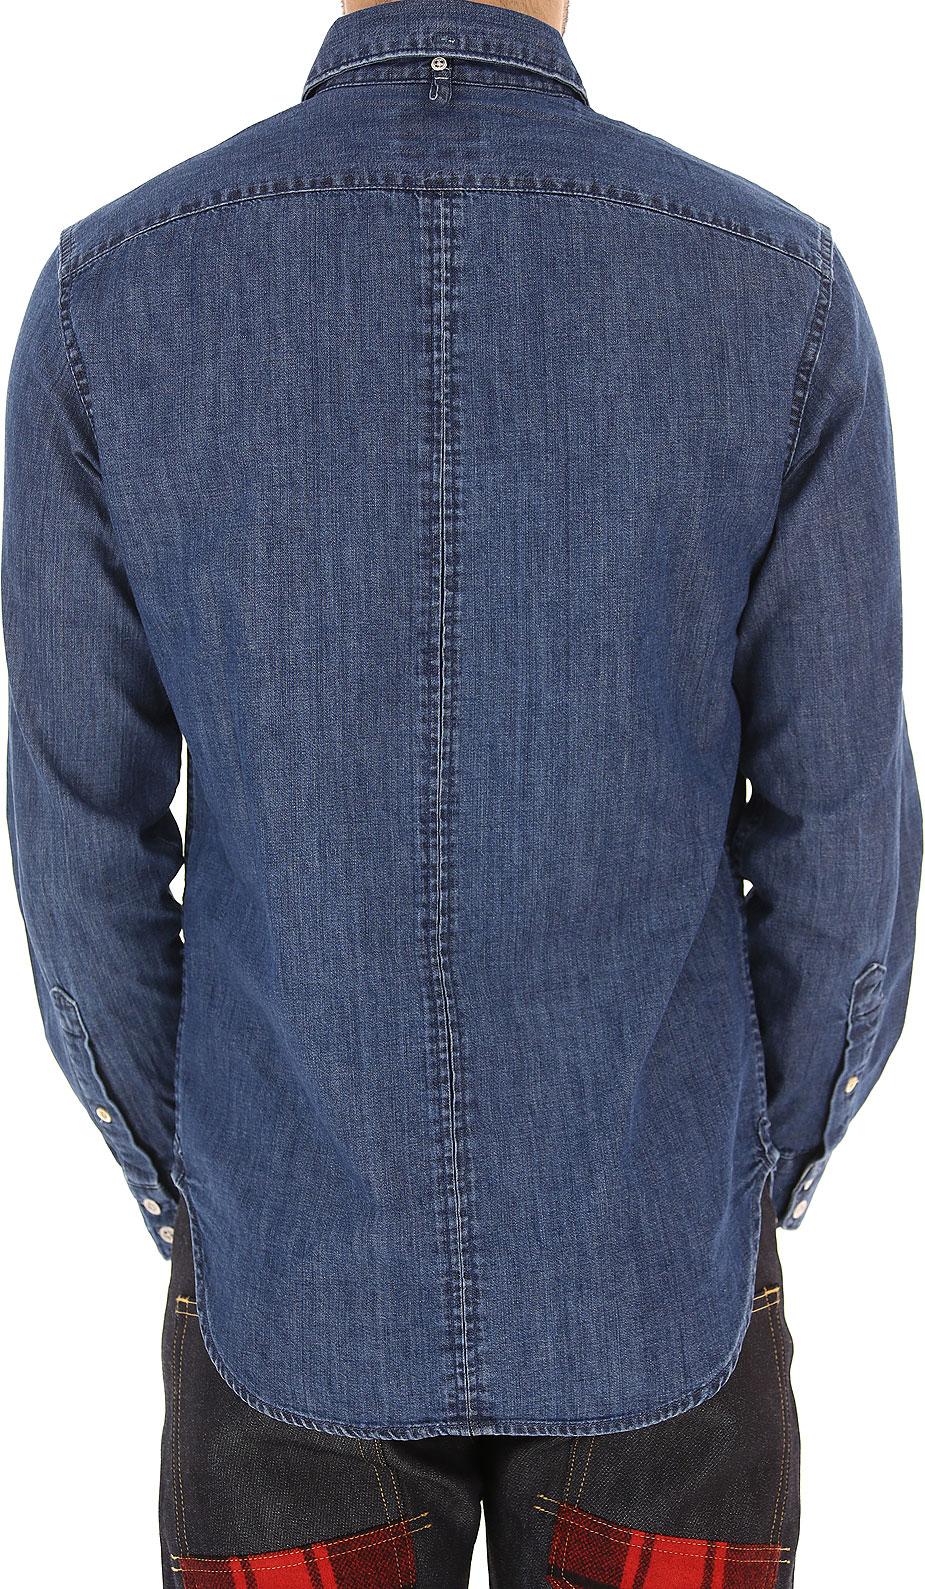 Codice Abbigliamento amp; indigo m275a3551 Bone Uomo Articolo Jean Rag q7Z7gHwP1